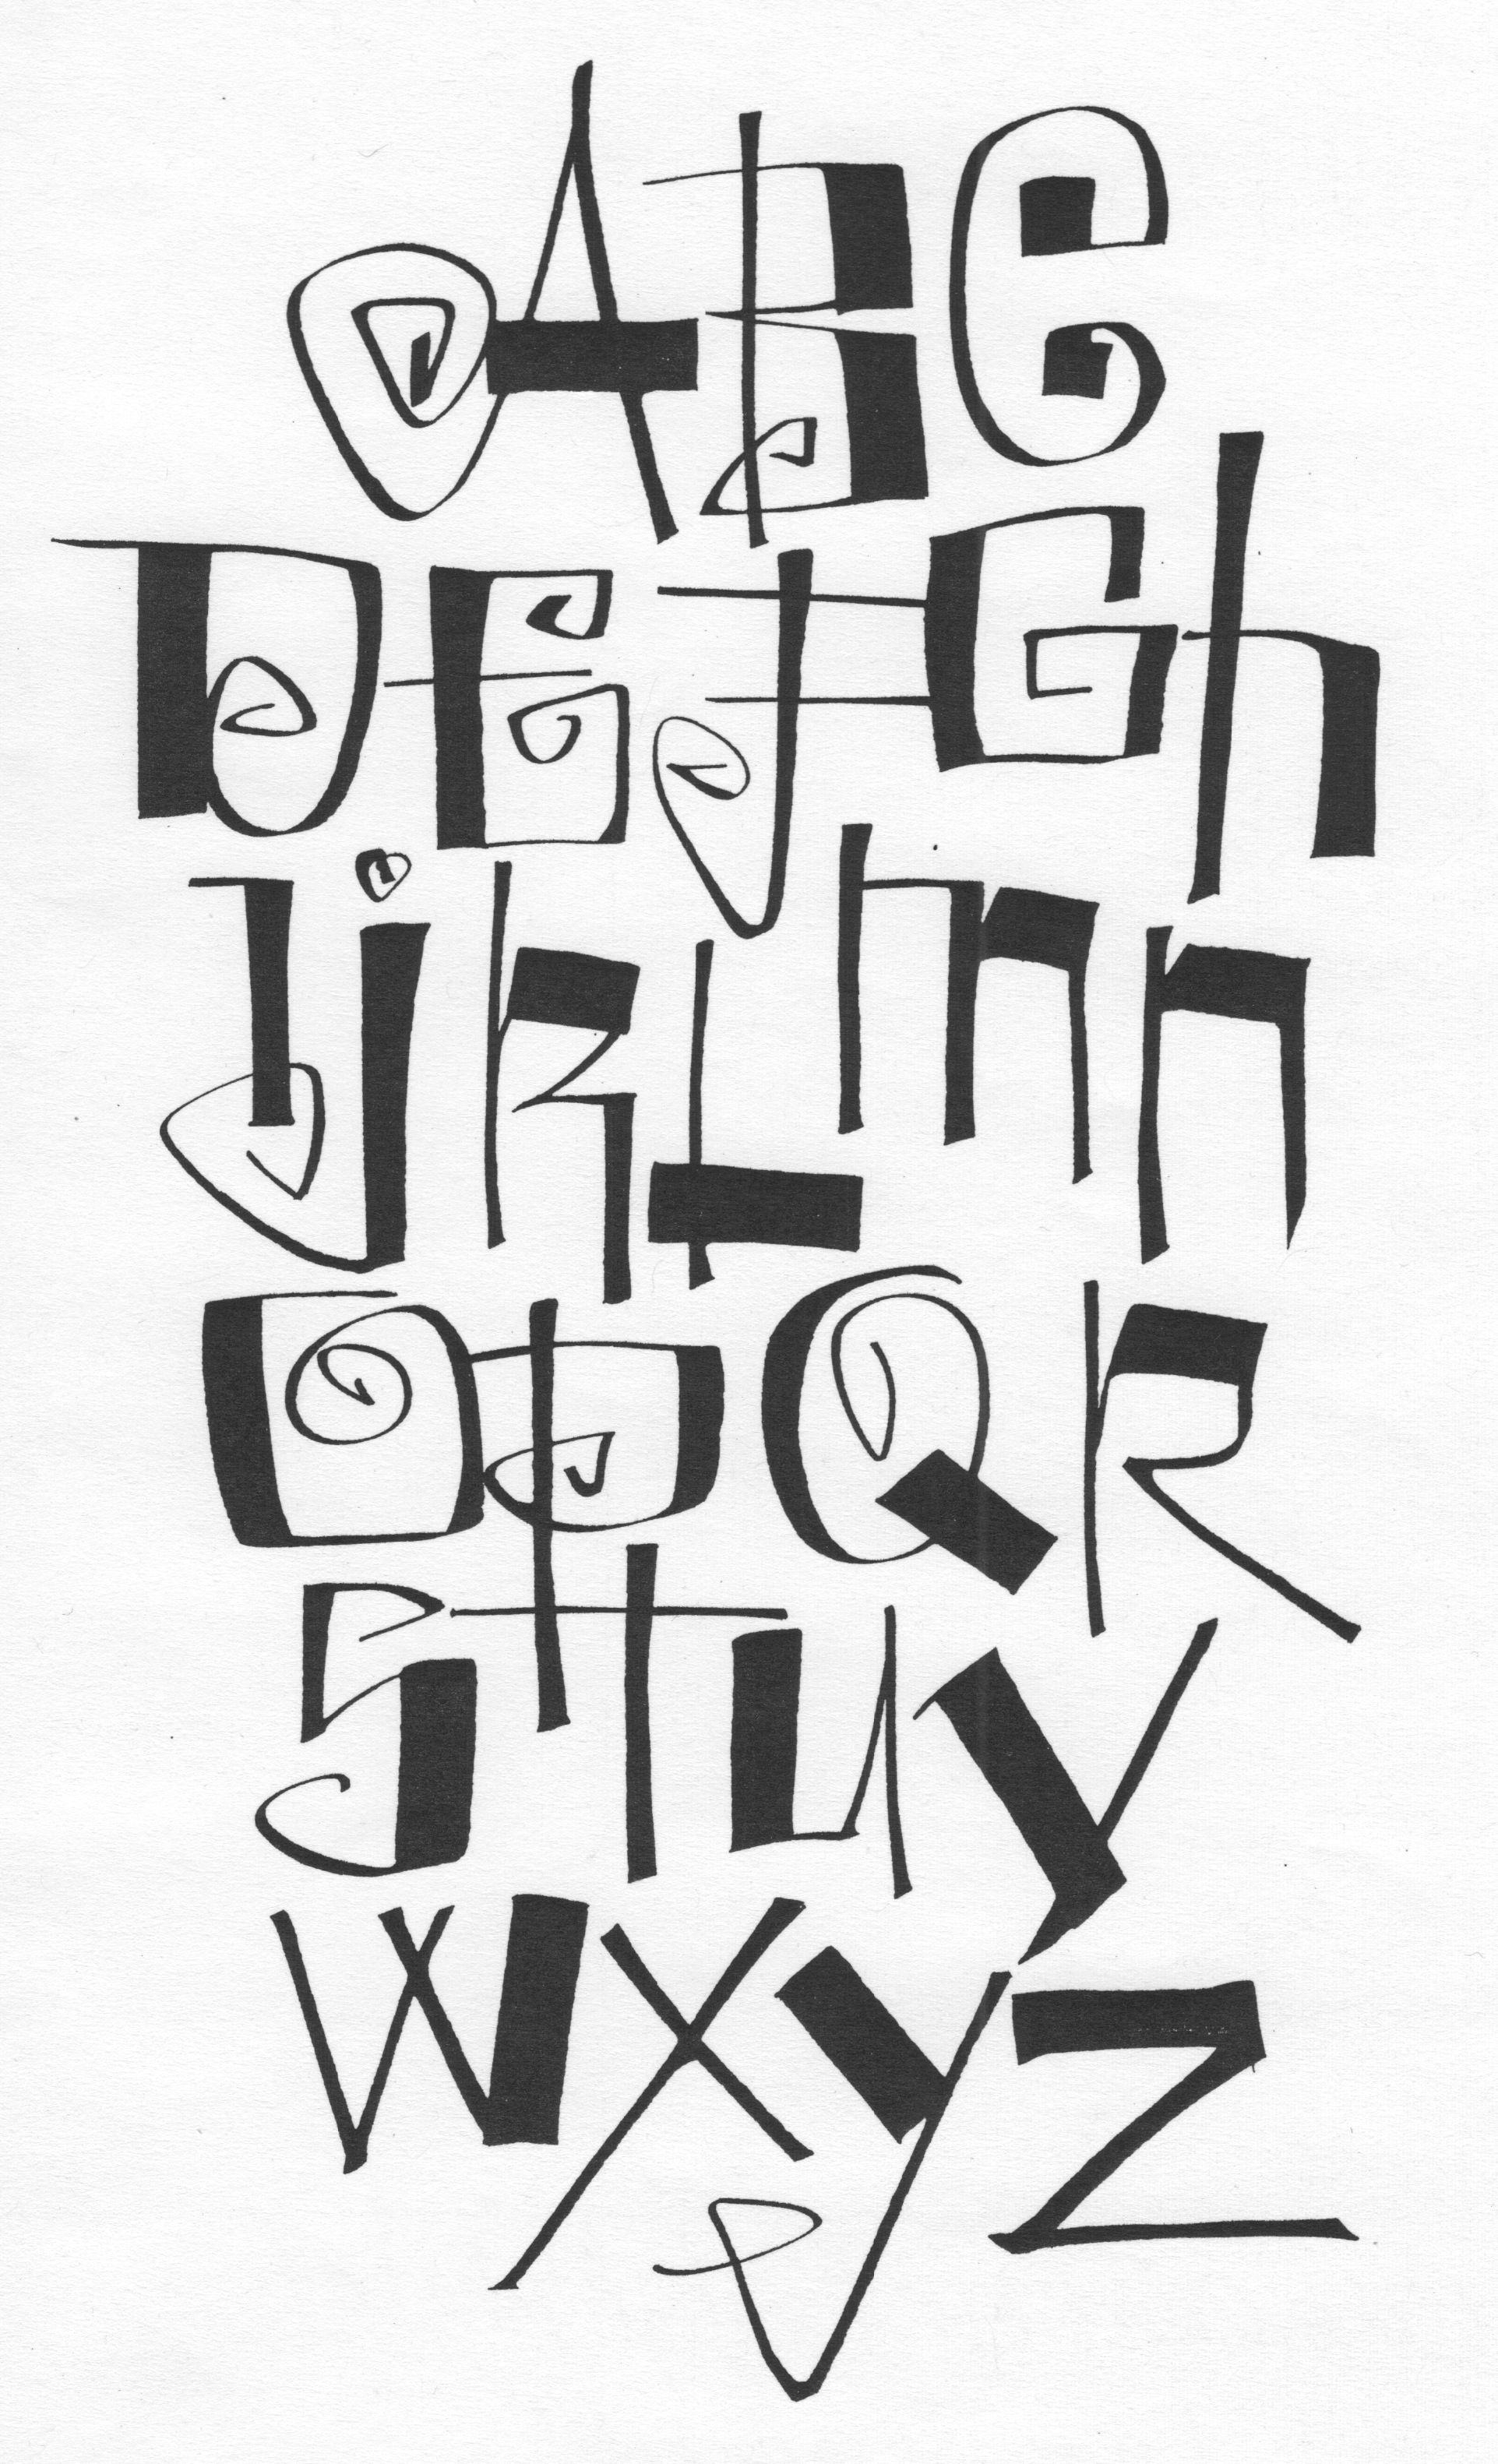 The best free fonts Serif fonts